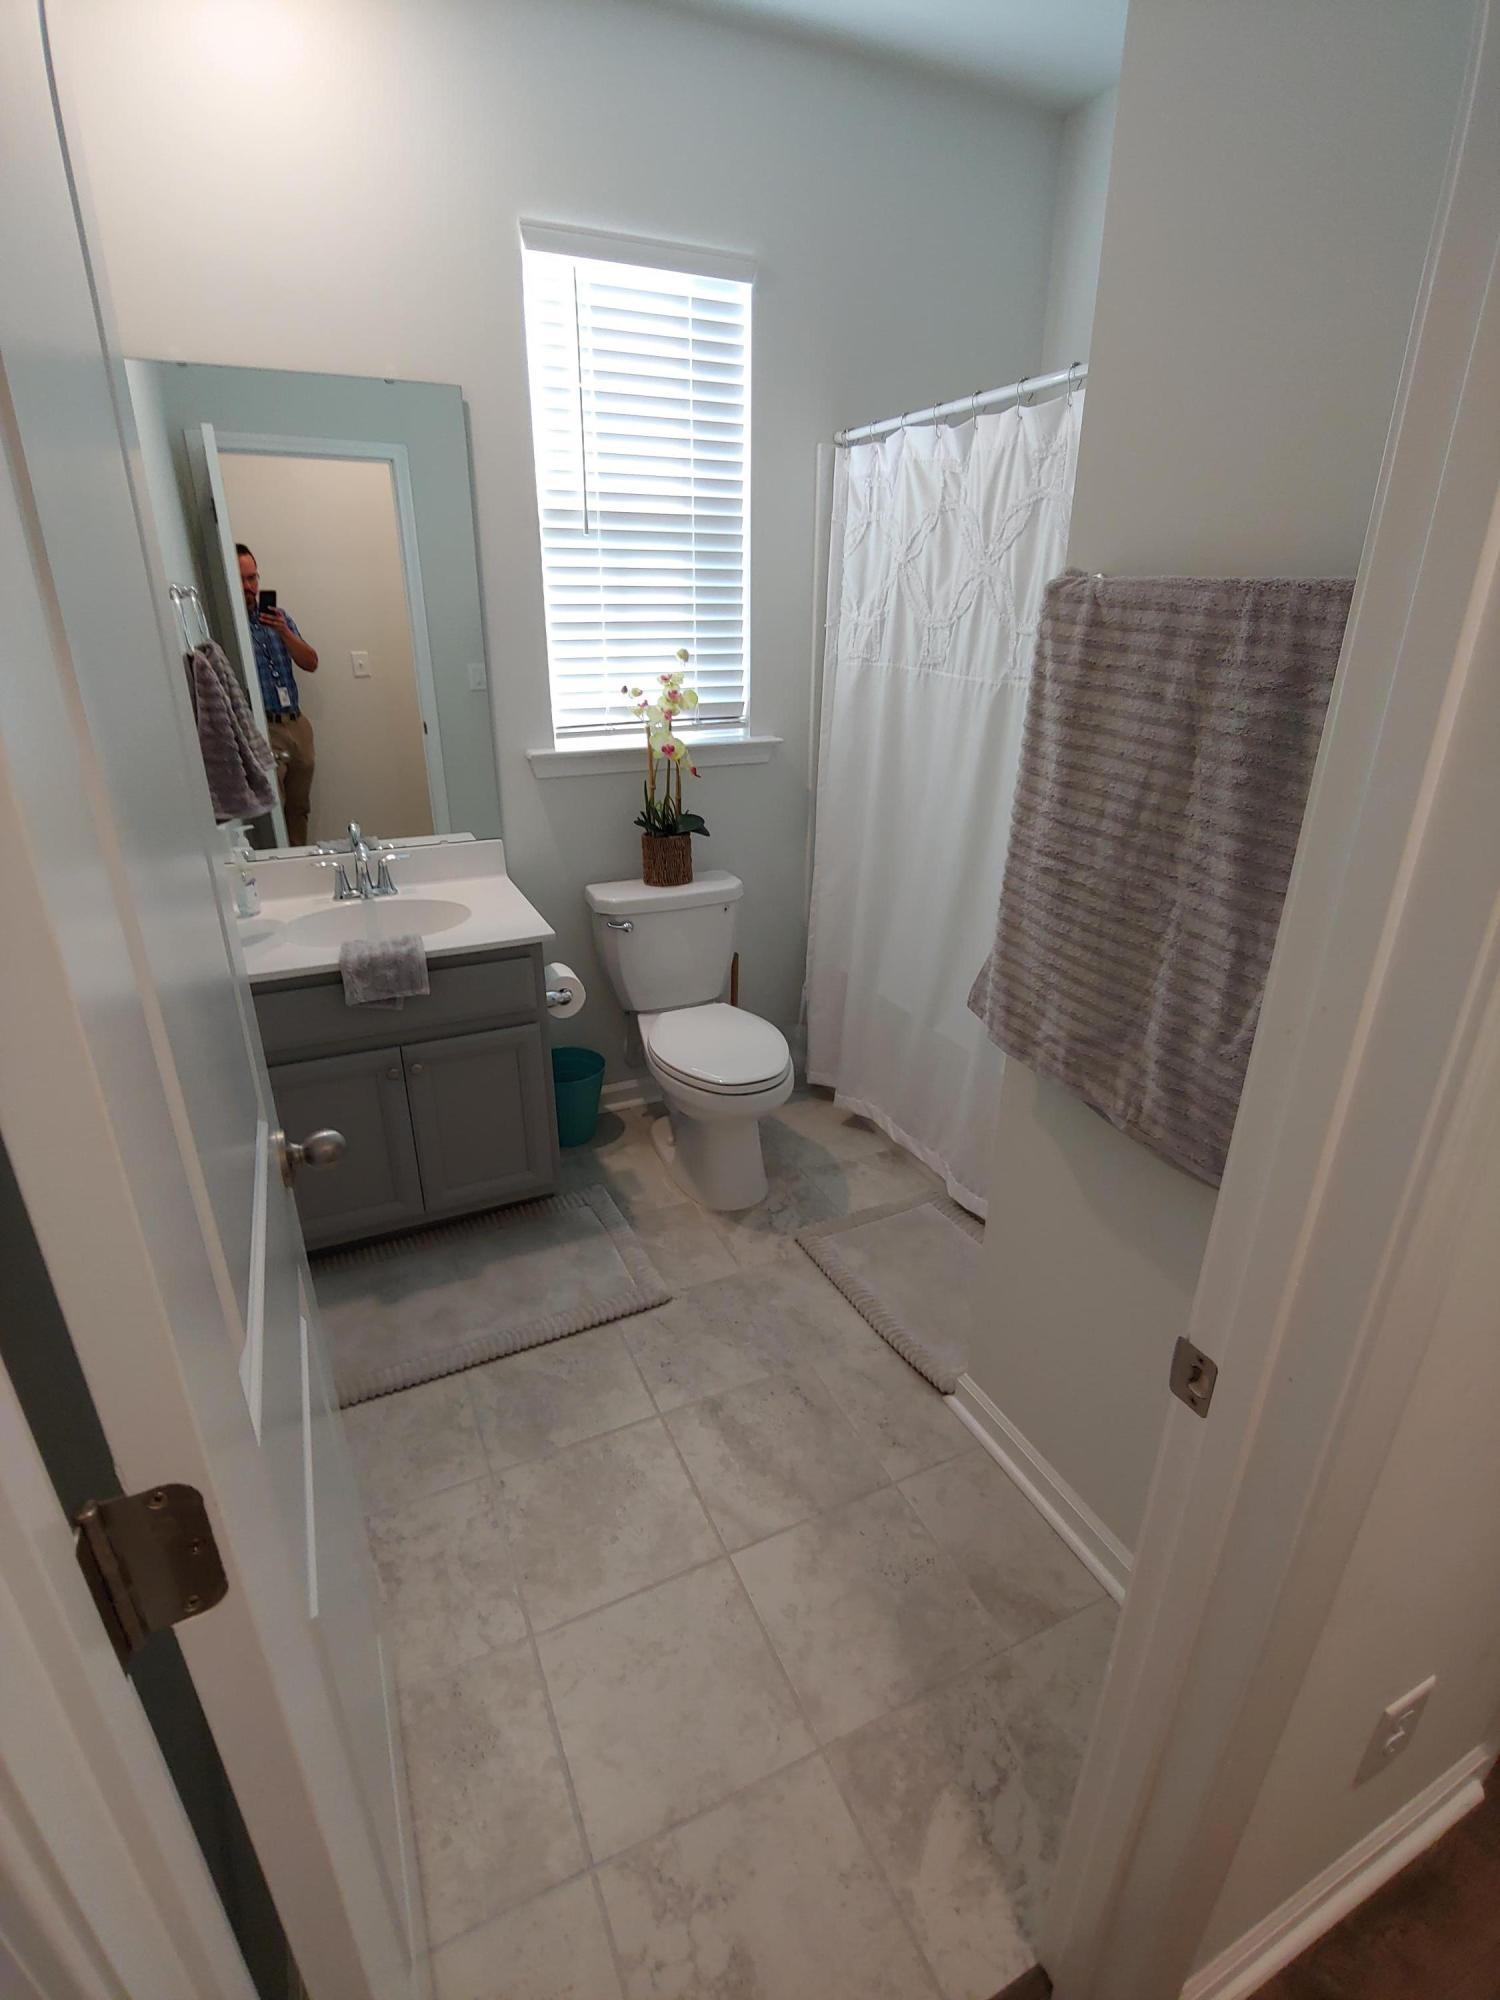 Lindera Preserve Blvd Homes For Sale - 252 Witch Hazel, Summerville, SC - 8